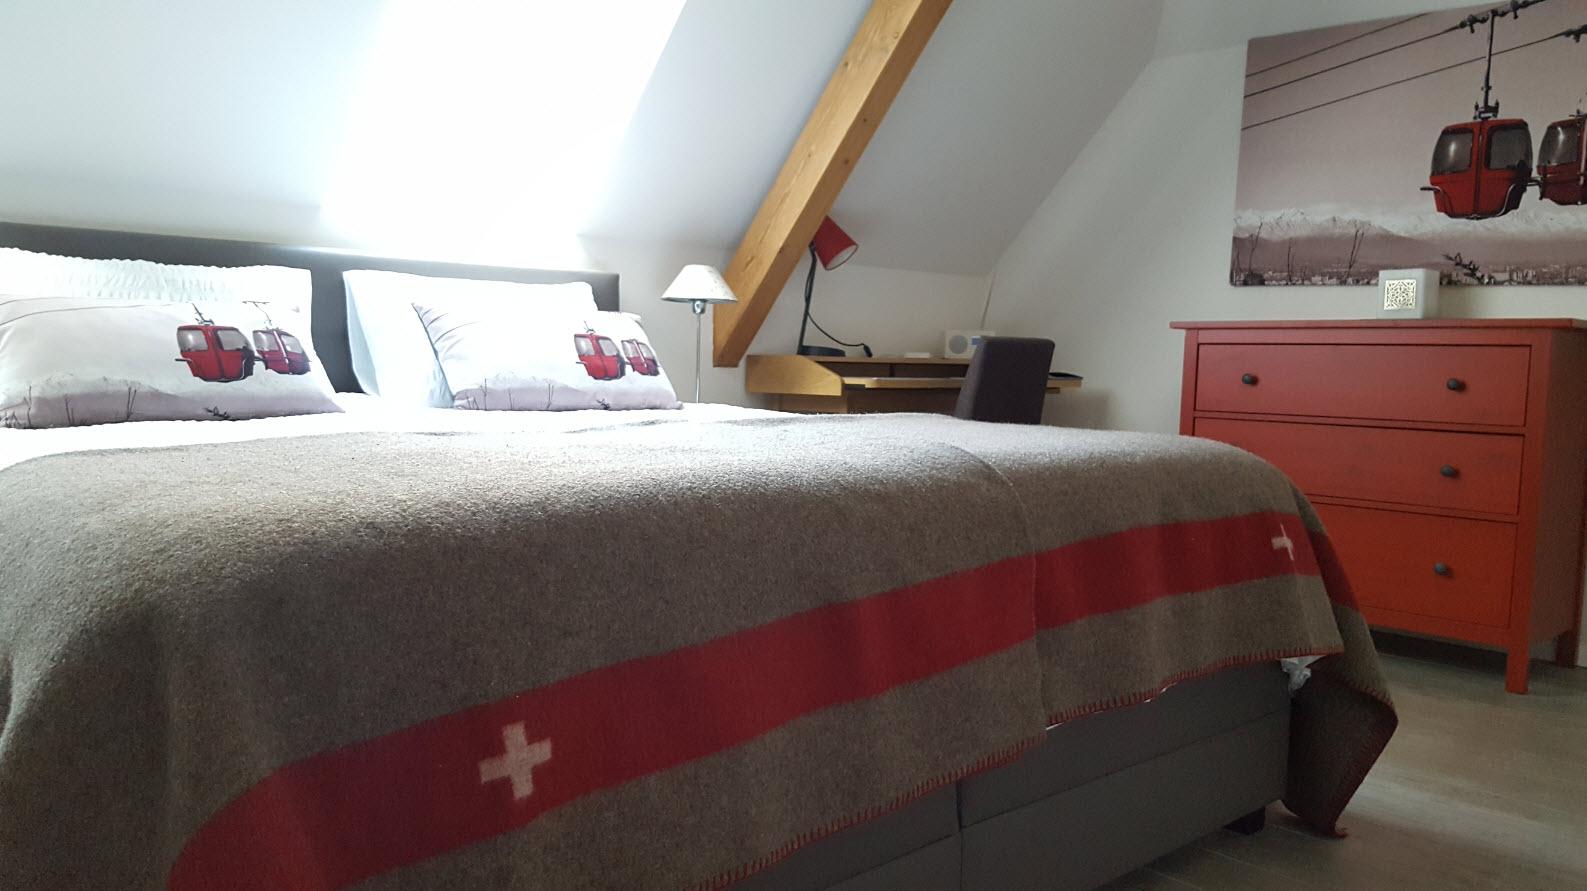 Decoration couverture armee suisse